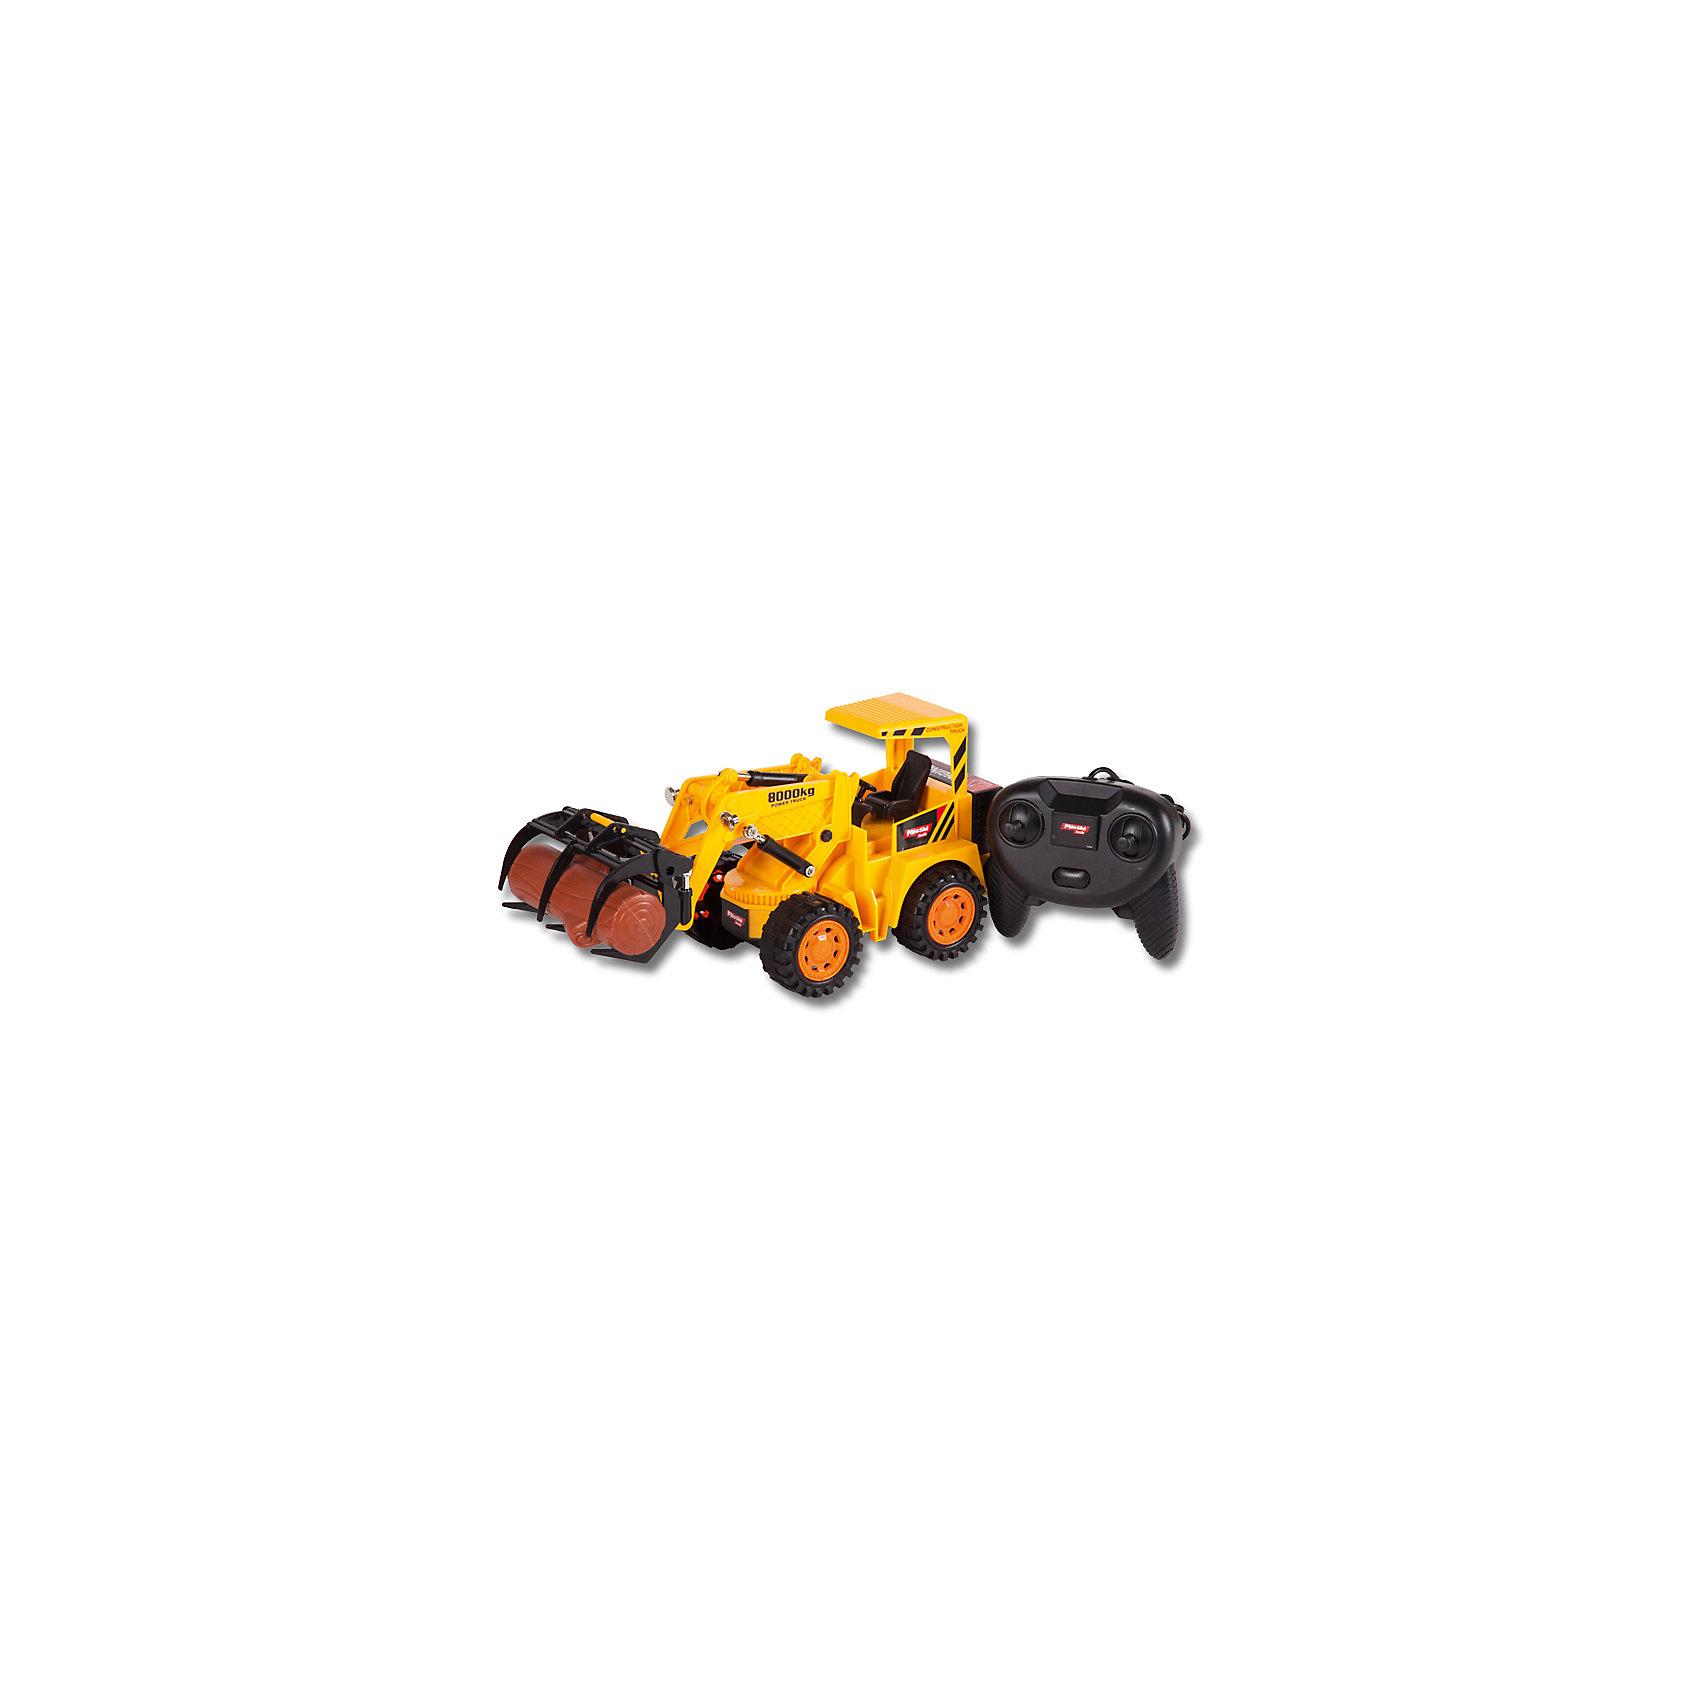 Погрузчик с захватом, проводное управление, Mioshi TechИдеи подарков<br>Характеристики товара:<br><br>• возраст от 6 лет;<br>• материал: пластик;<br>• в комплекте: погрузчик, проводной пульт;<br>• пульт работает от 3 батареек АА (в комплект не входят);<br>• длина игрушки 28,5 см;<br>• длина провода 1,5 метра;<br>• размер упаковки 33х13,5х15 см;<br>• вес упаковки 595 гр.;<br>• страна производитель: Китай.<br><br>Погрузчик с захватом Mioshi Tech выполняет ряд разных строительных работ: транспортировку грузов и строительного мусора, выравнивание, укладку грунта. Игрушка управляется проводным пультом. Машина может ездить в разных направлениях. Механизм захвата поднимается и опускается, изображая строительные работы. Игрушка изготовлена из качественного безопасного пластика.<br><br>Погрузчик с захватом Mioshi Tech проводное управление можно приобрести в нашем интернет-магазине.<br><br>Ширина мм: 330<br>Глубина мм: 135<br>Высота мм: 150<br>Вес г: 595<br>Возраст от месяцев: 72<br>Возраст до месяцев: 2147483647<br>Пол: Мужской<br>Возраст: Детский<br>SKU: 5581258